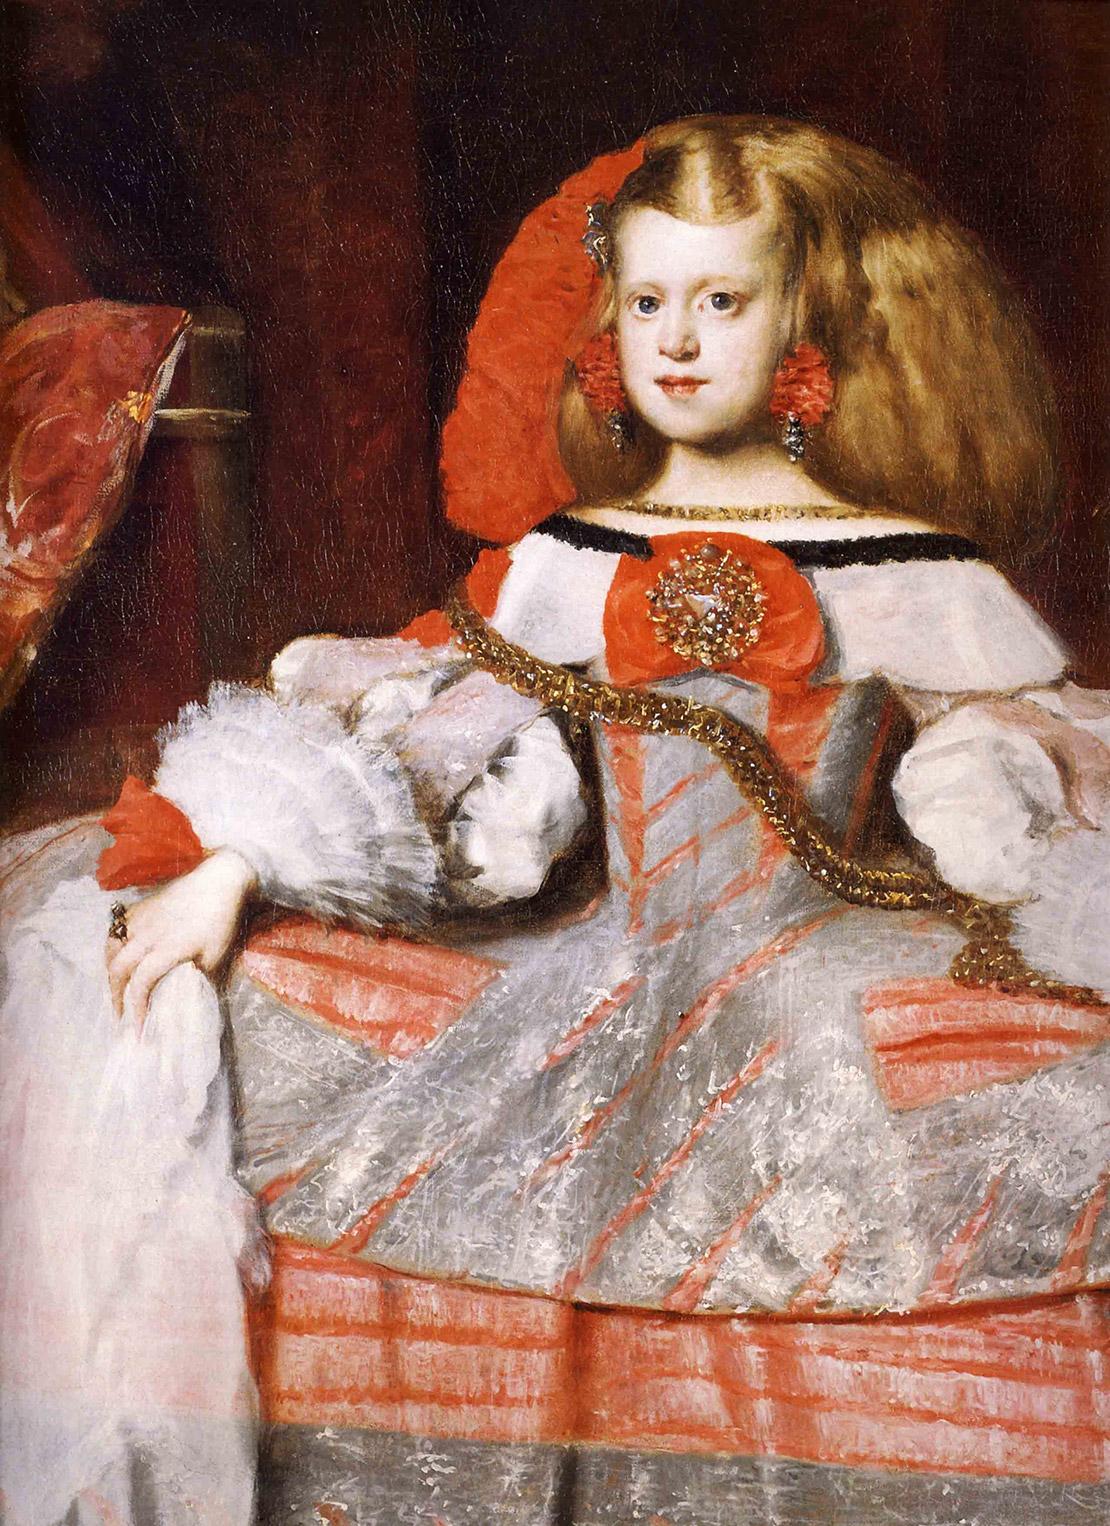 Портрет инфанты Маргариты. Диего Веласкес, 1659. Холст, масло